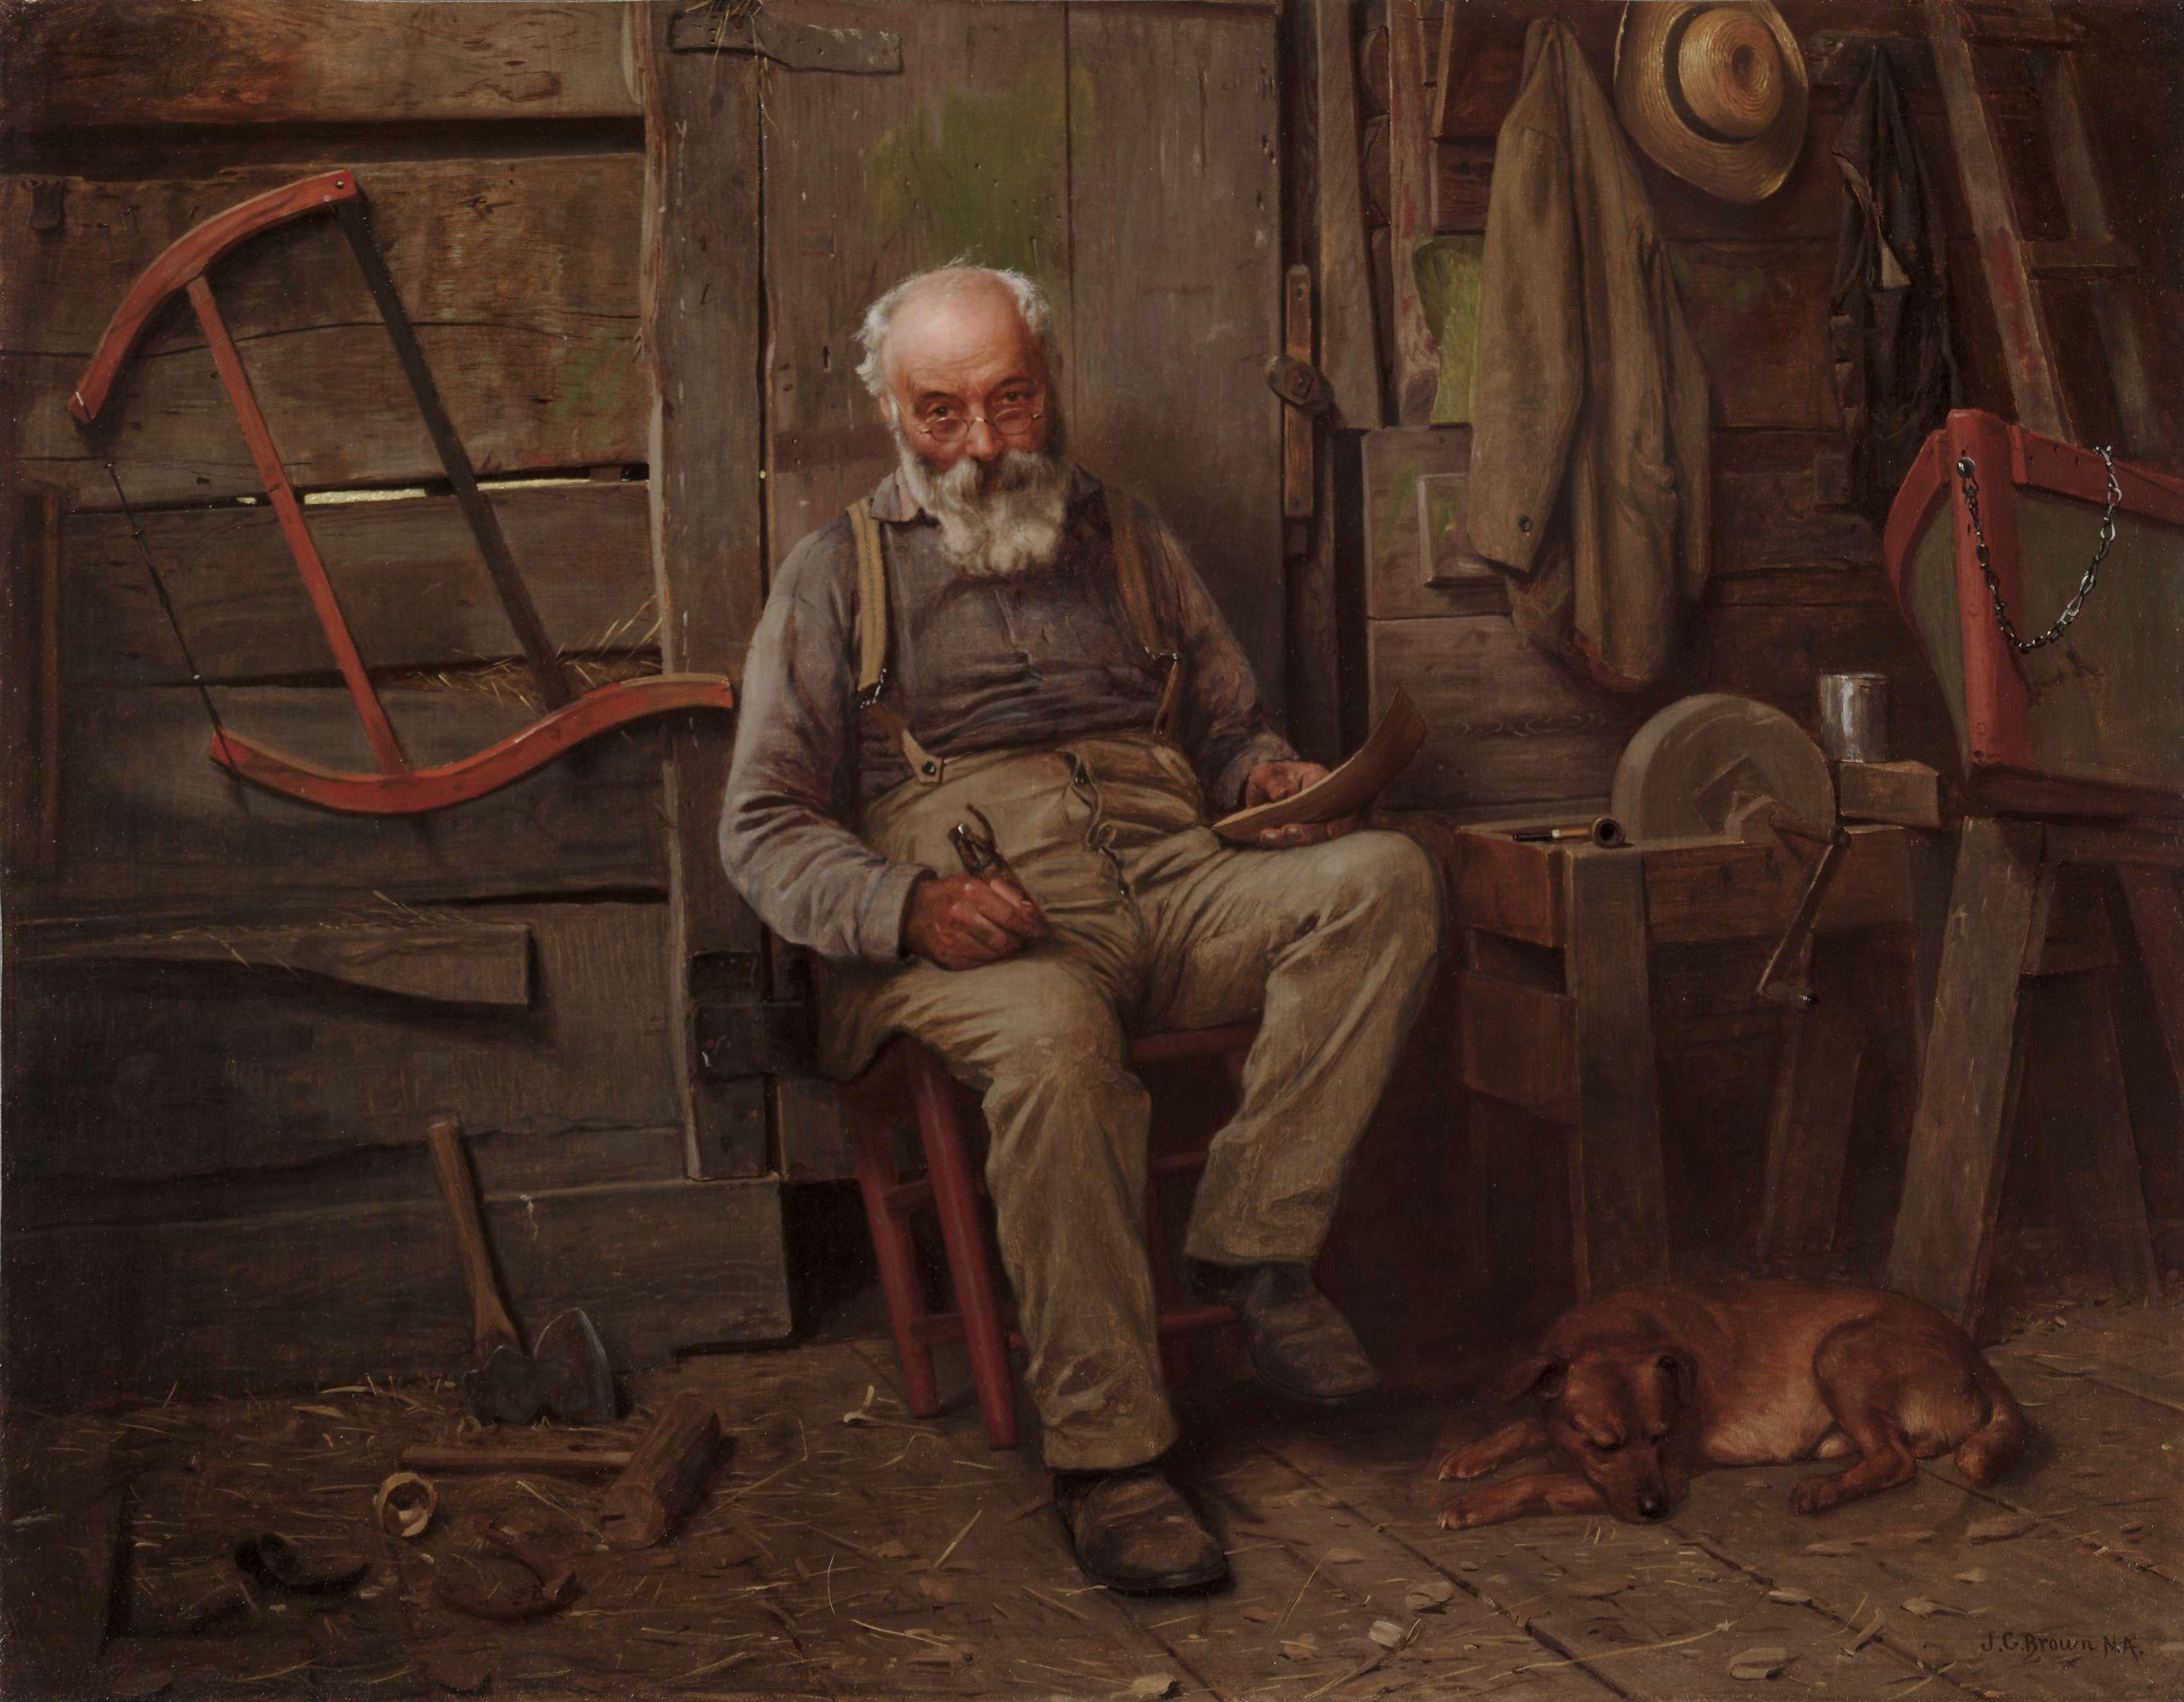 Καραβομαραγκός. Τεχνίτης που κατασκευάζει ξύλινα πλεούμενα. Boat Builder. c. 1904. John George Brown. (American, 1831-1913). Μουσείο Τέχνης του Κλίβελαντ.